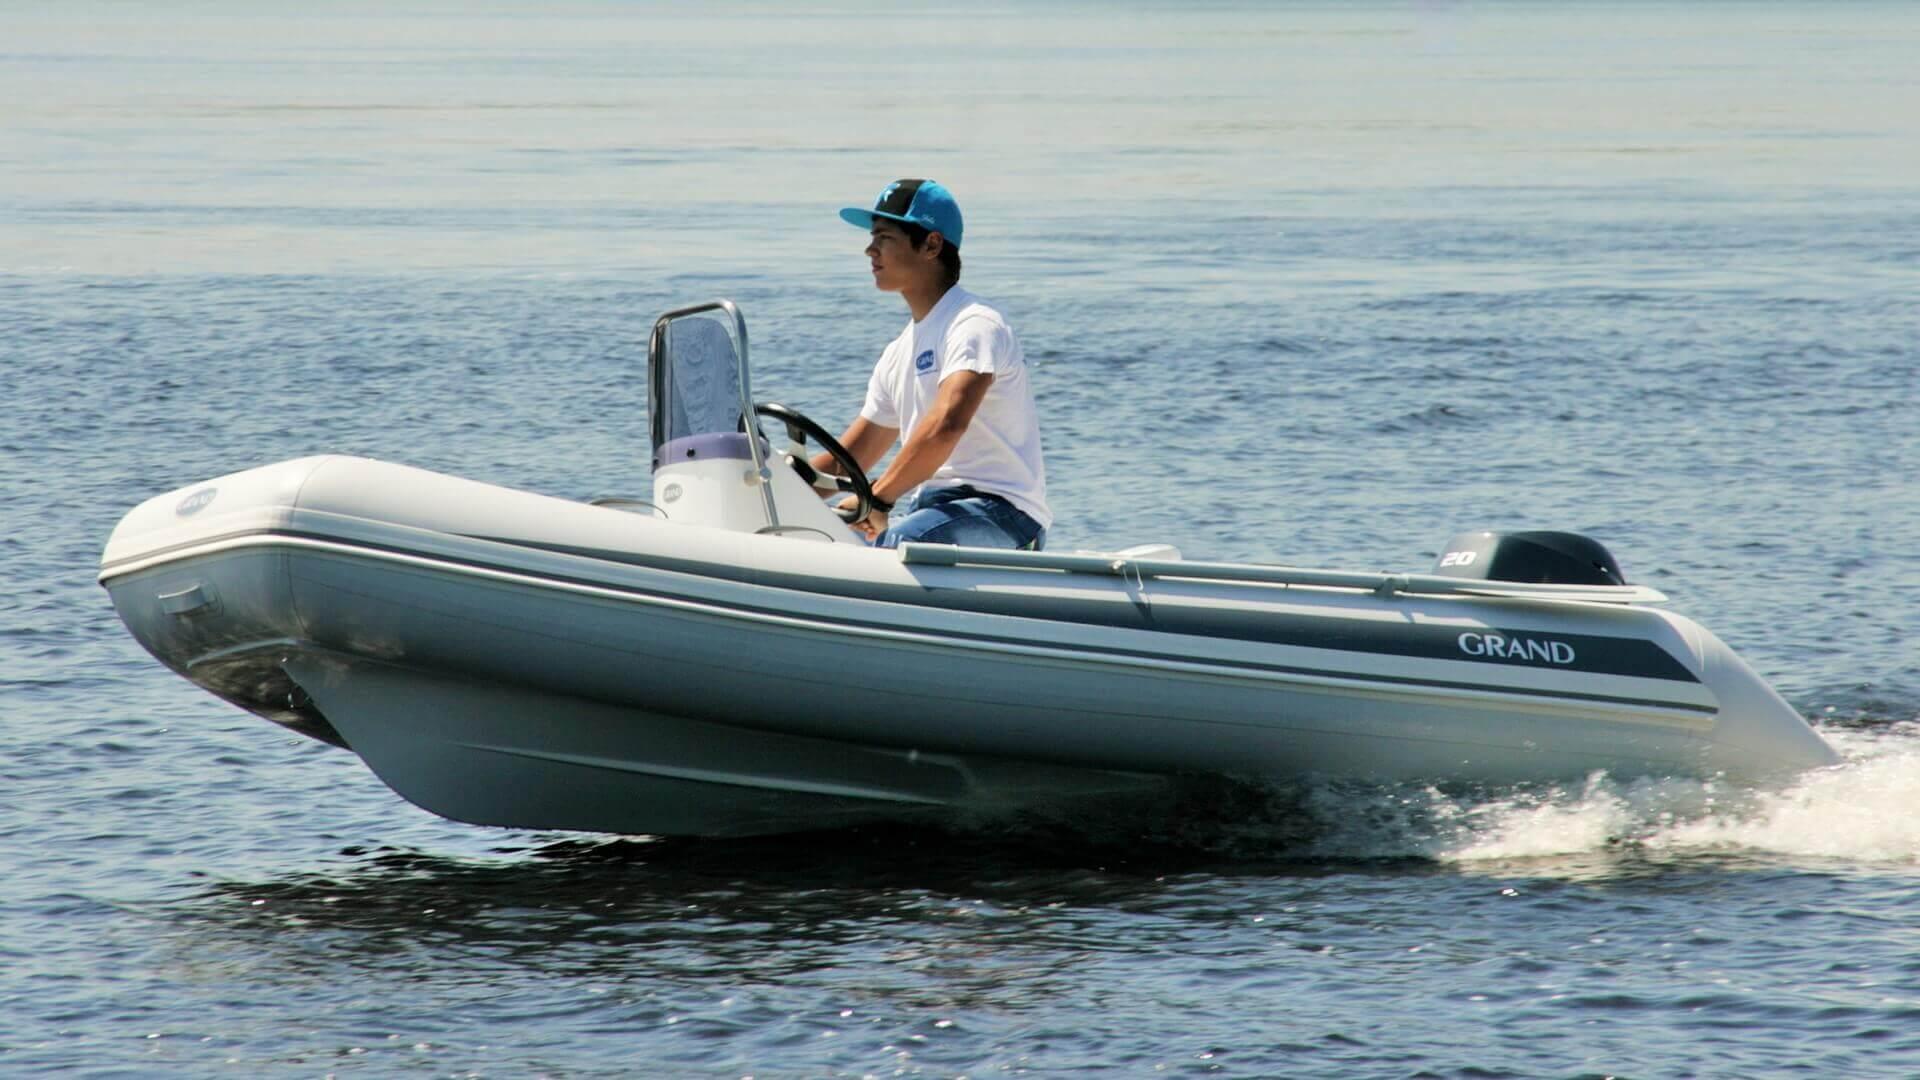 Надувная лодка с жестким дном GRAND Silver Line S370NS, Надувная лодка GRAND Silver Line S370NS, GRAND Silver Line S370NS, GRAND Silver Line S370NSF, GRAND S370NS, GRAND S370NSF, GRAND S370, Надувная лодка GRAND, Надувная лодка ГРАНД, Надувная лодка с жестким дном, RIB, Rigid Inflatable Boats